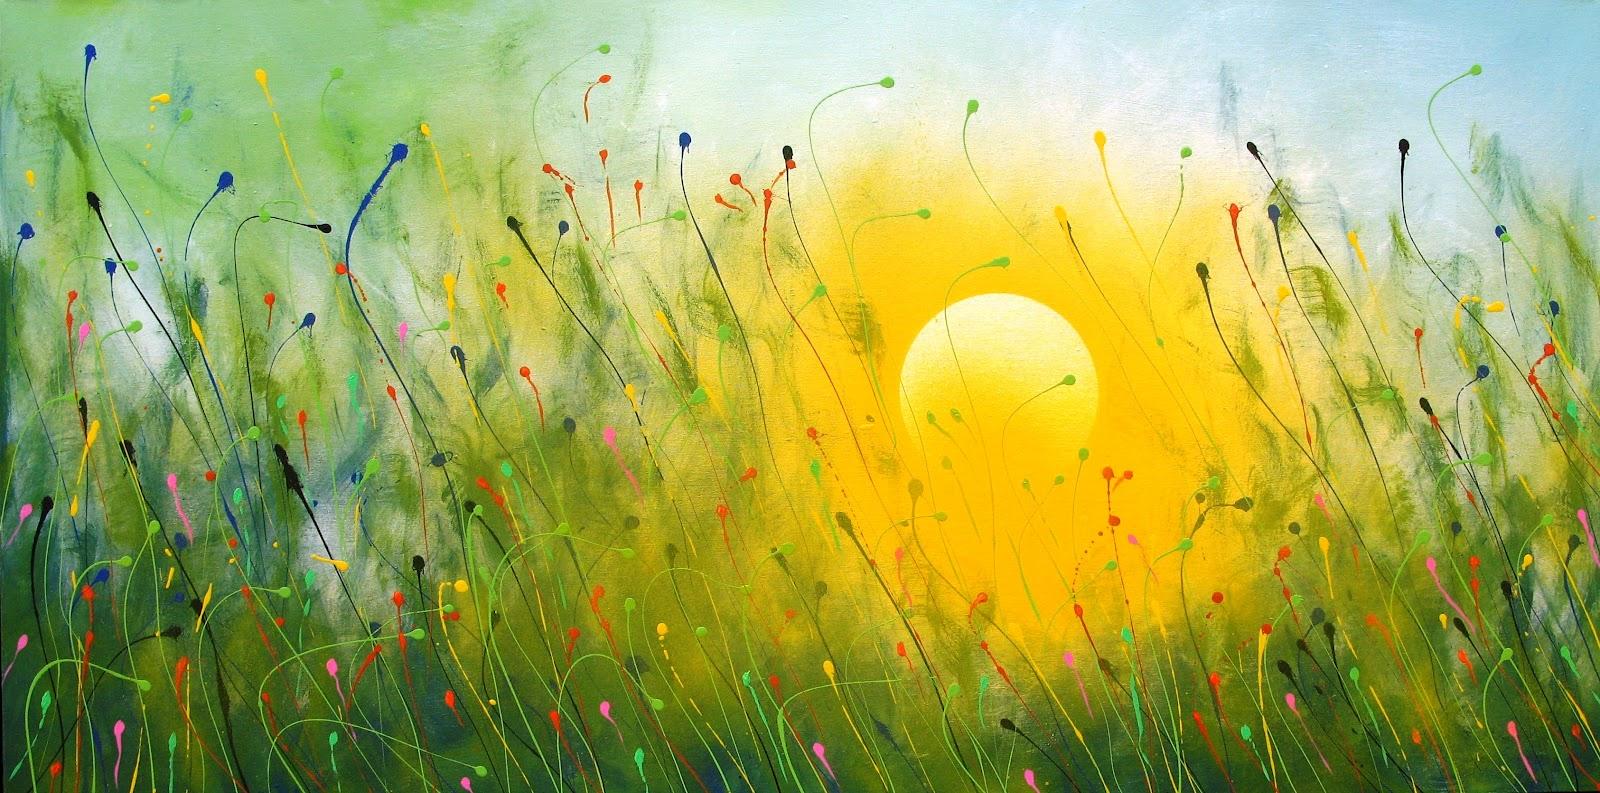 Im genes arte pinturas paisajes abstractos - Los cuadros mas bonitos ...